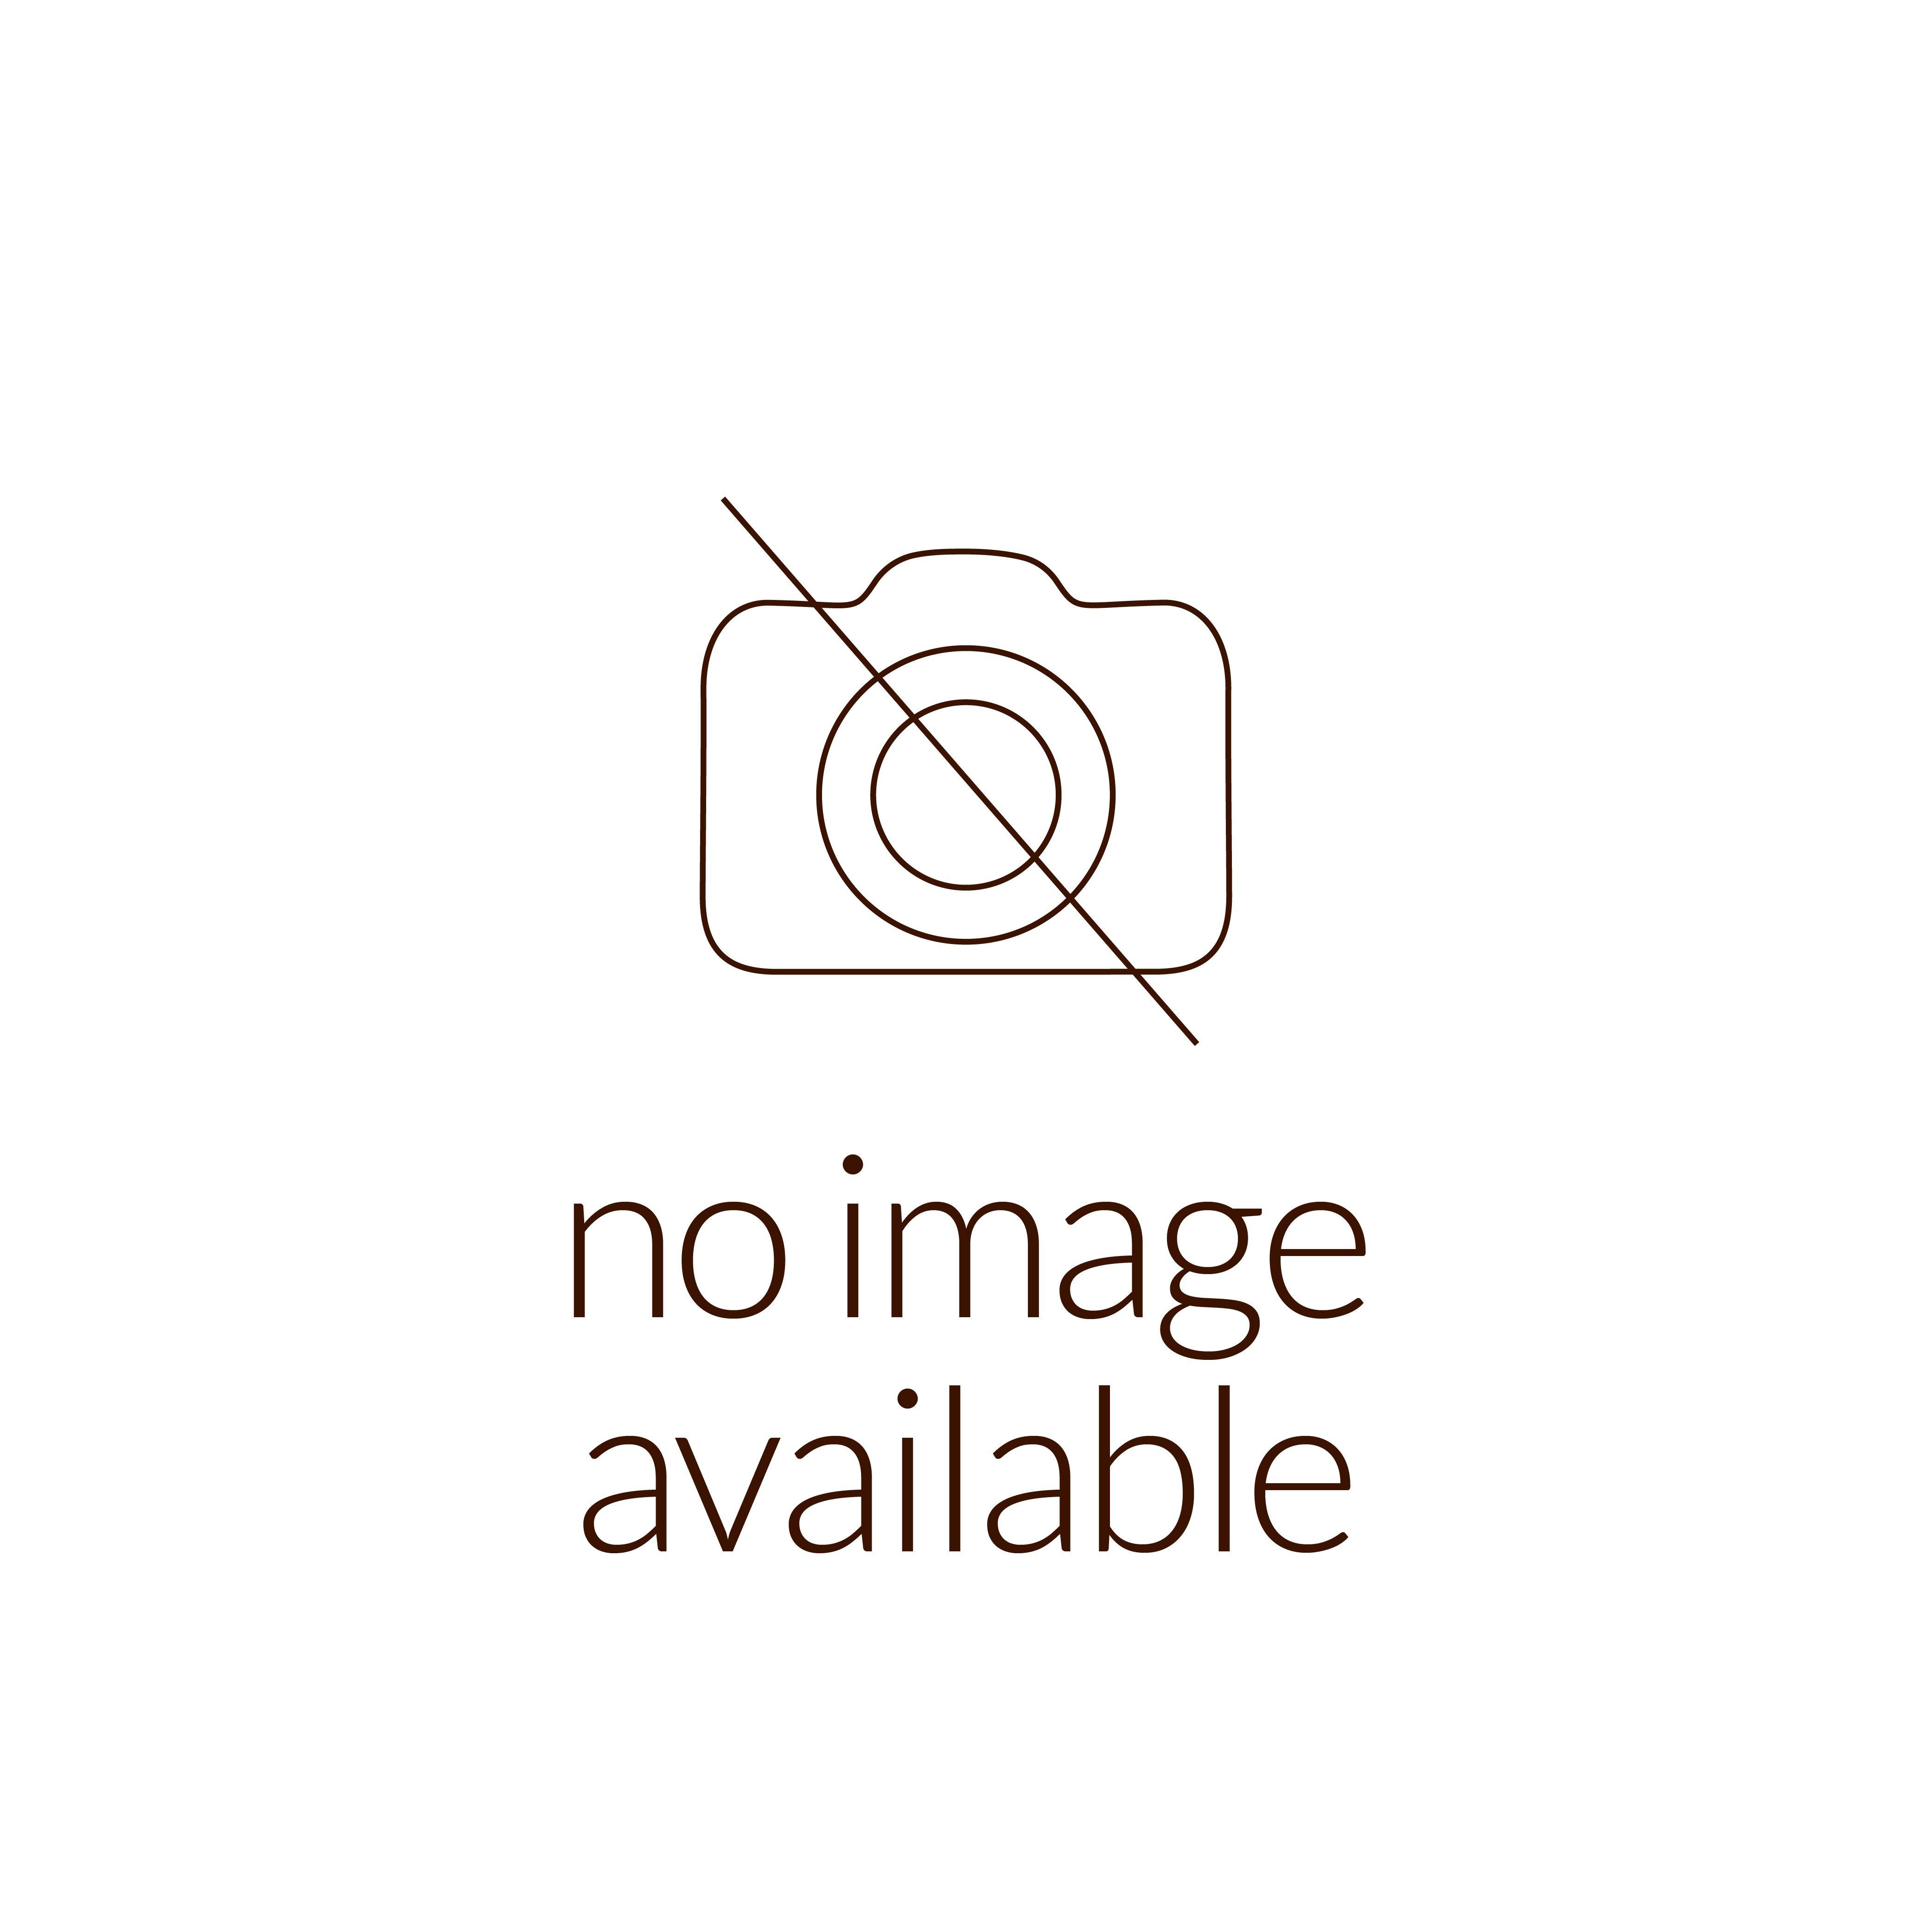 טבעת זהב 14 קראט רחבה, עליה פרחים משובצים אבני סמוקי קוורץ ויהלומים 0.20CT